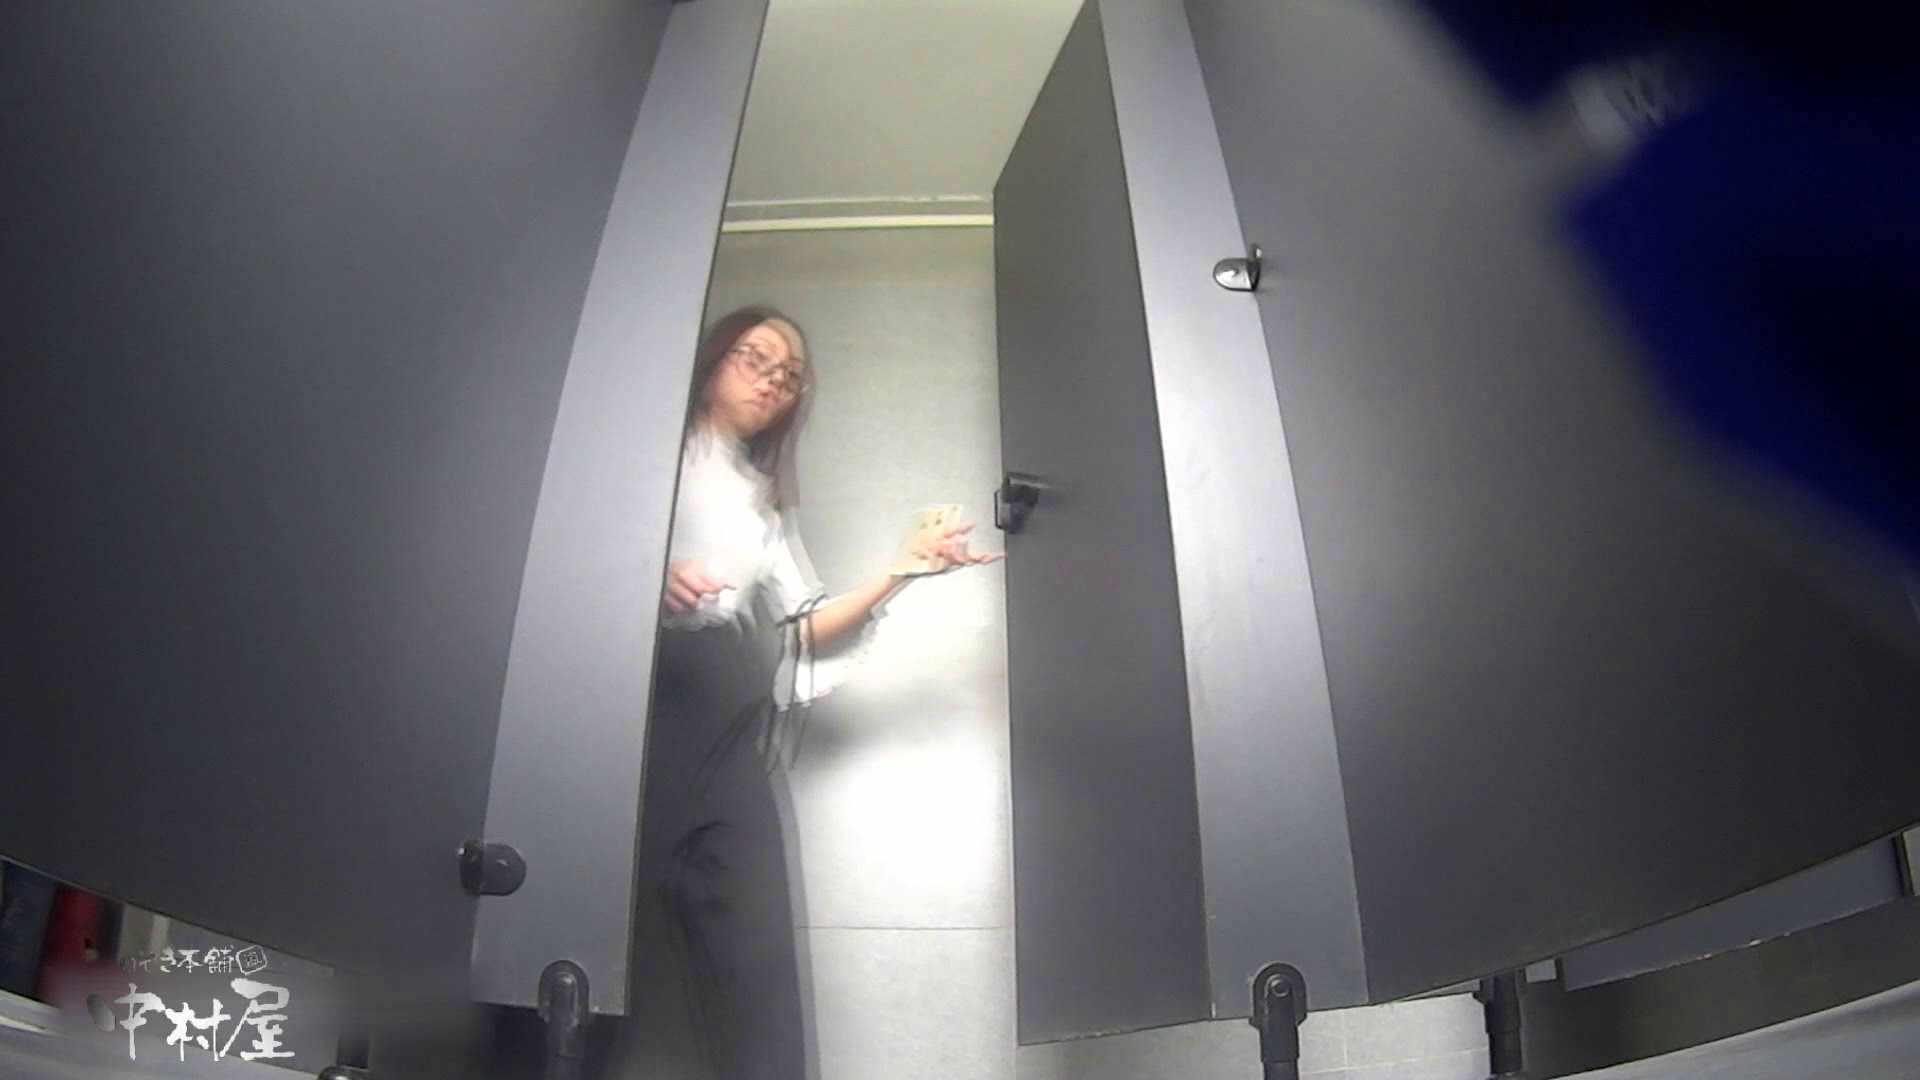 ツンデレお女市さんのトイレ事情 大学休憩時間の洗面所事情32 0  44連発 12